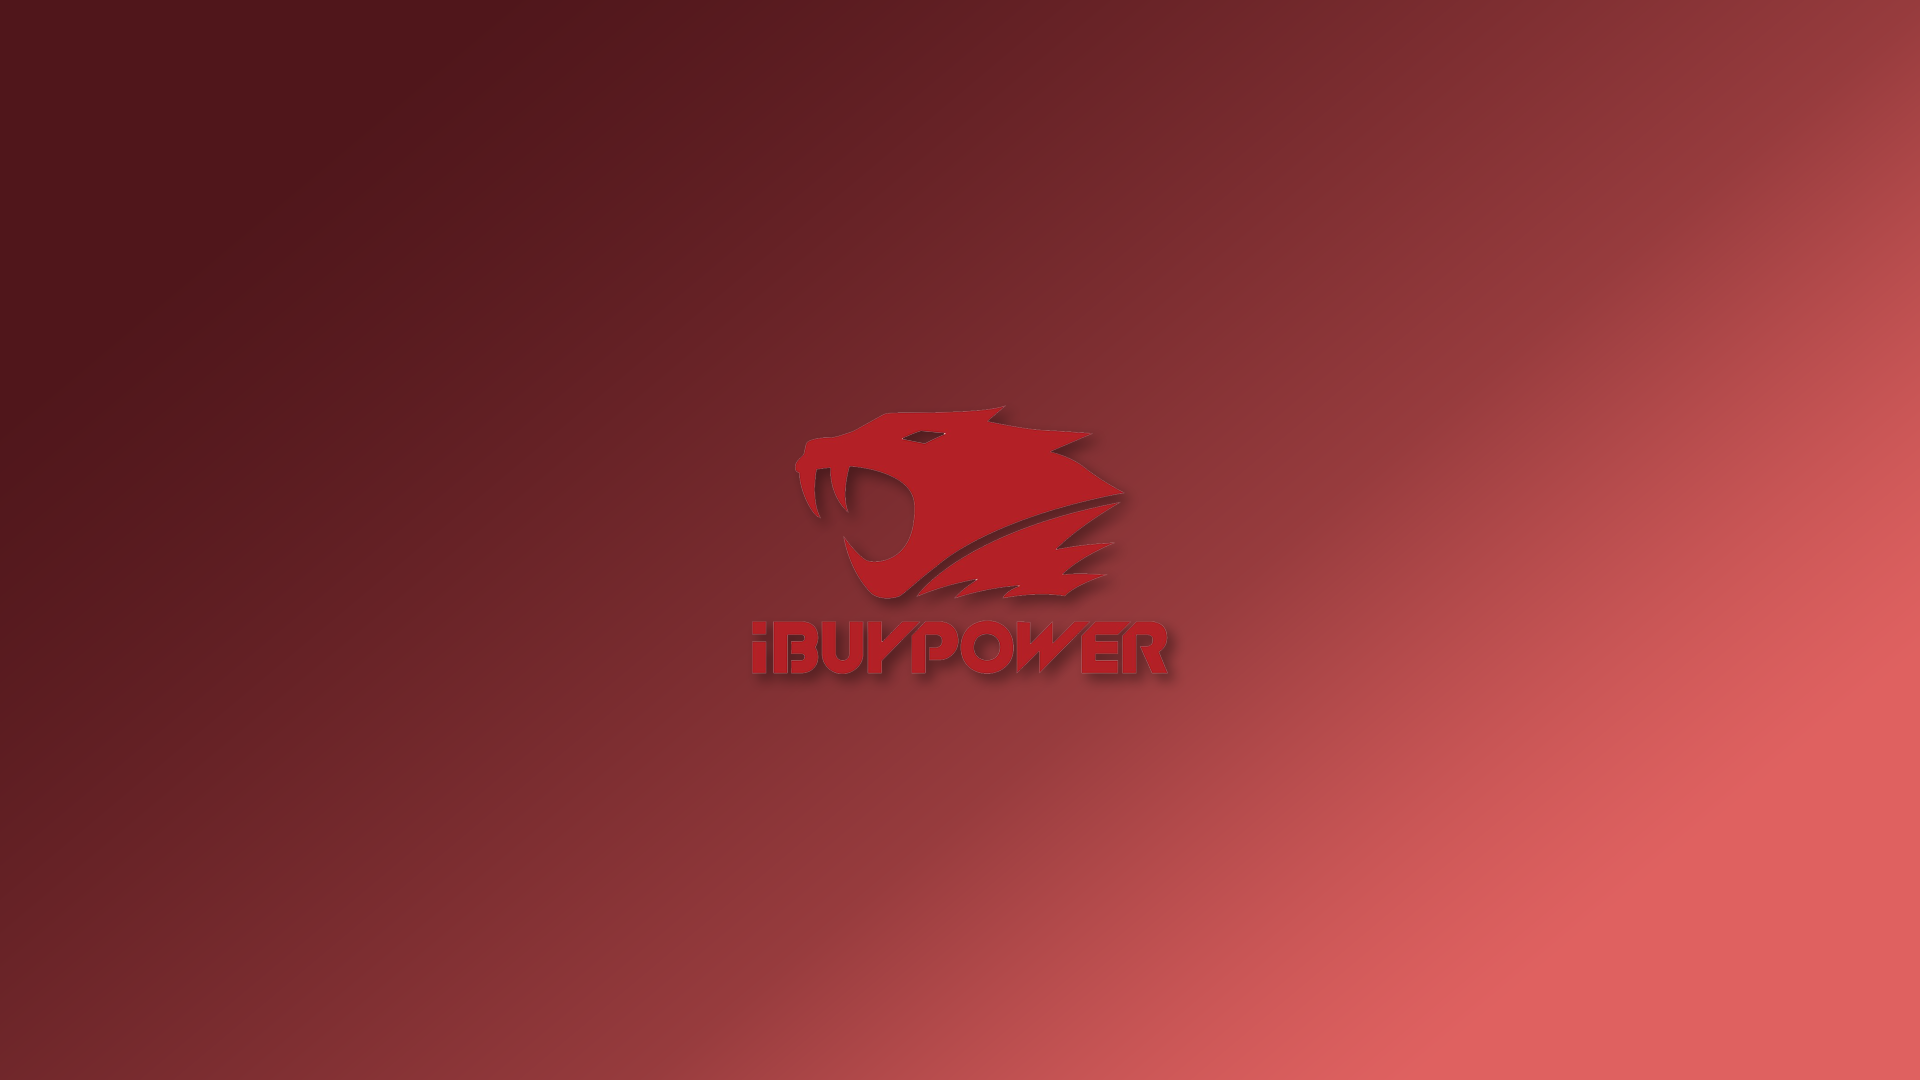 Ibuypower Wallpapers   Wallperiocom 1920x1080